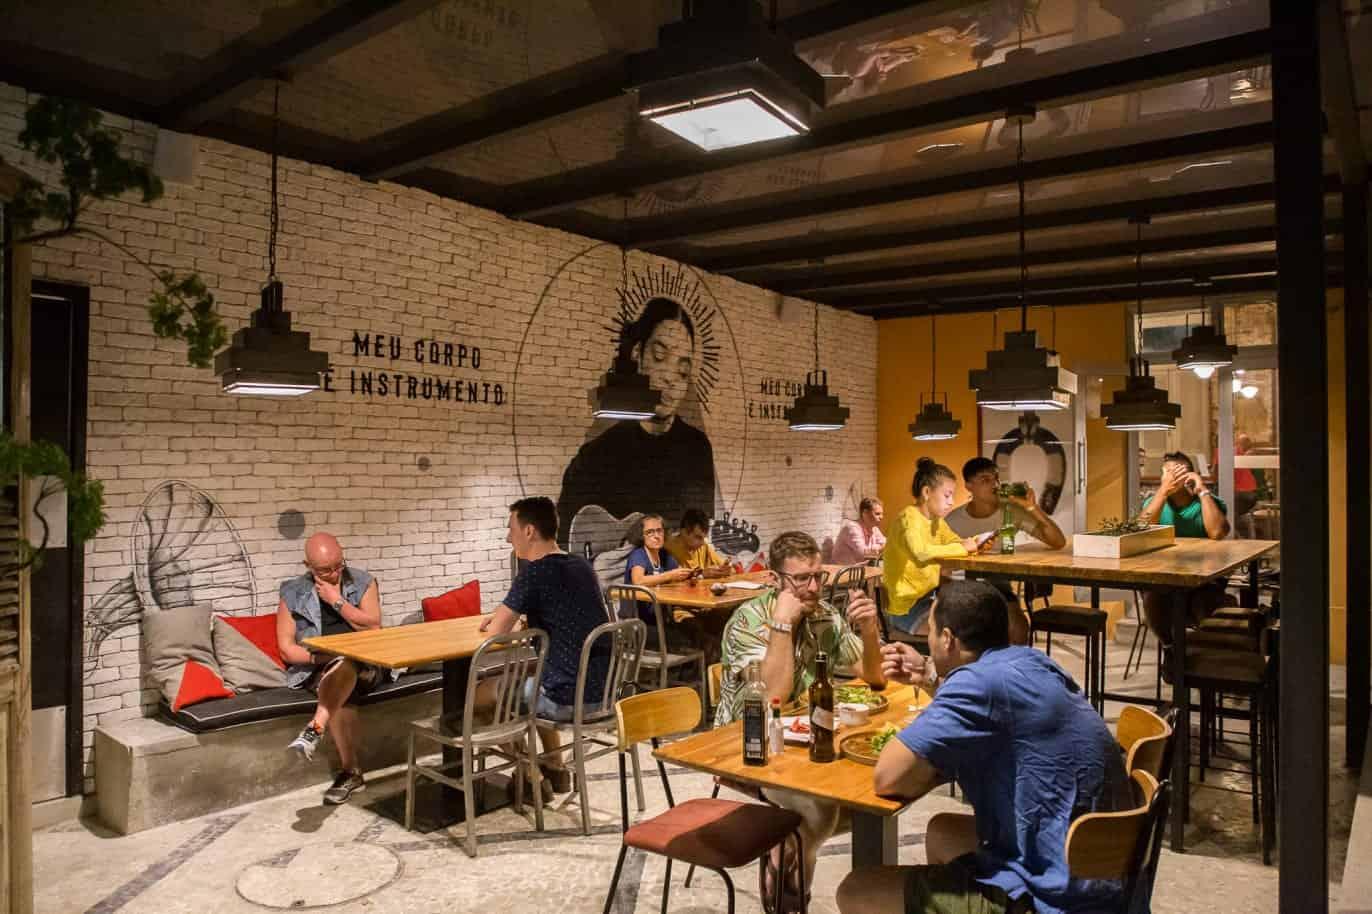 Descolado, hotel no Rio de Janeiro conta com coworking para nômades digitais